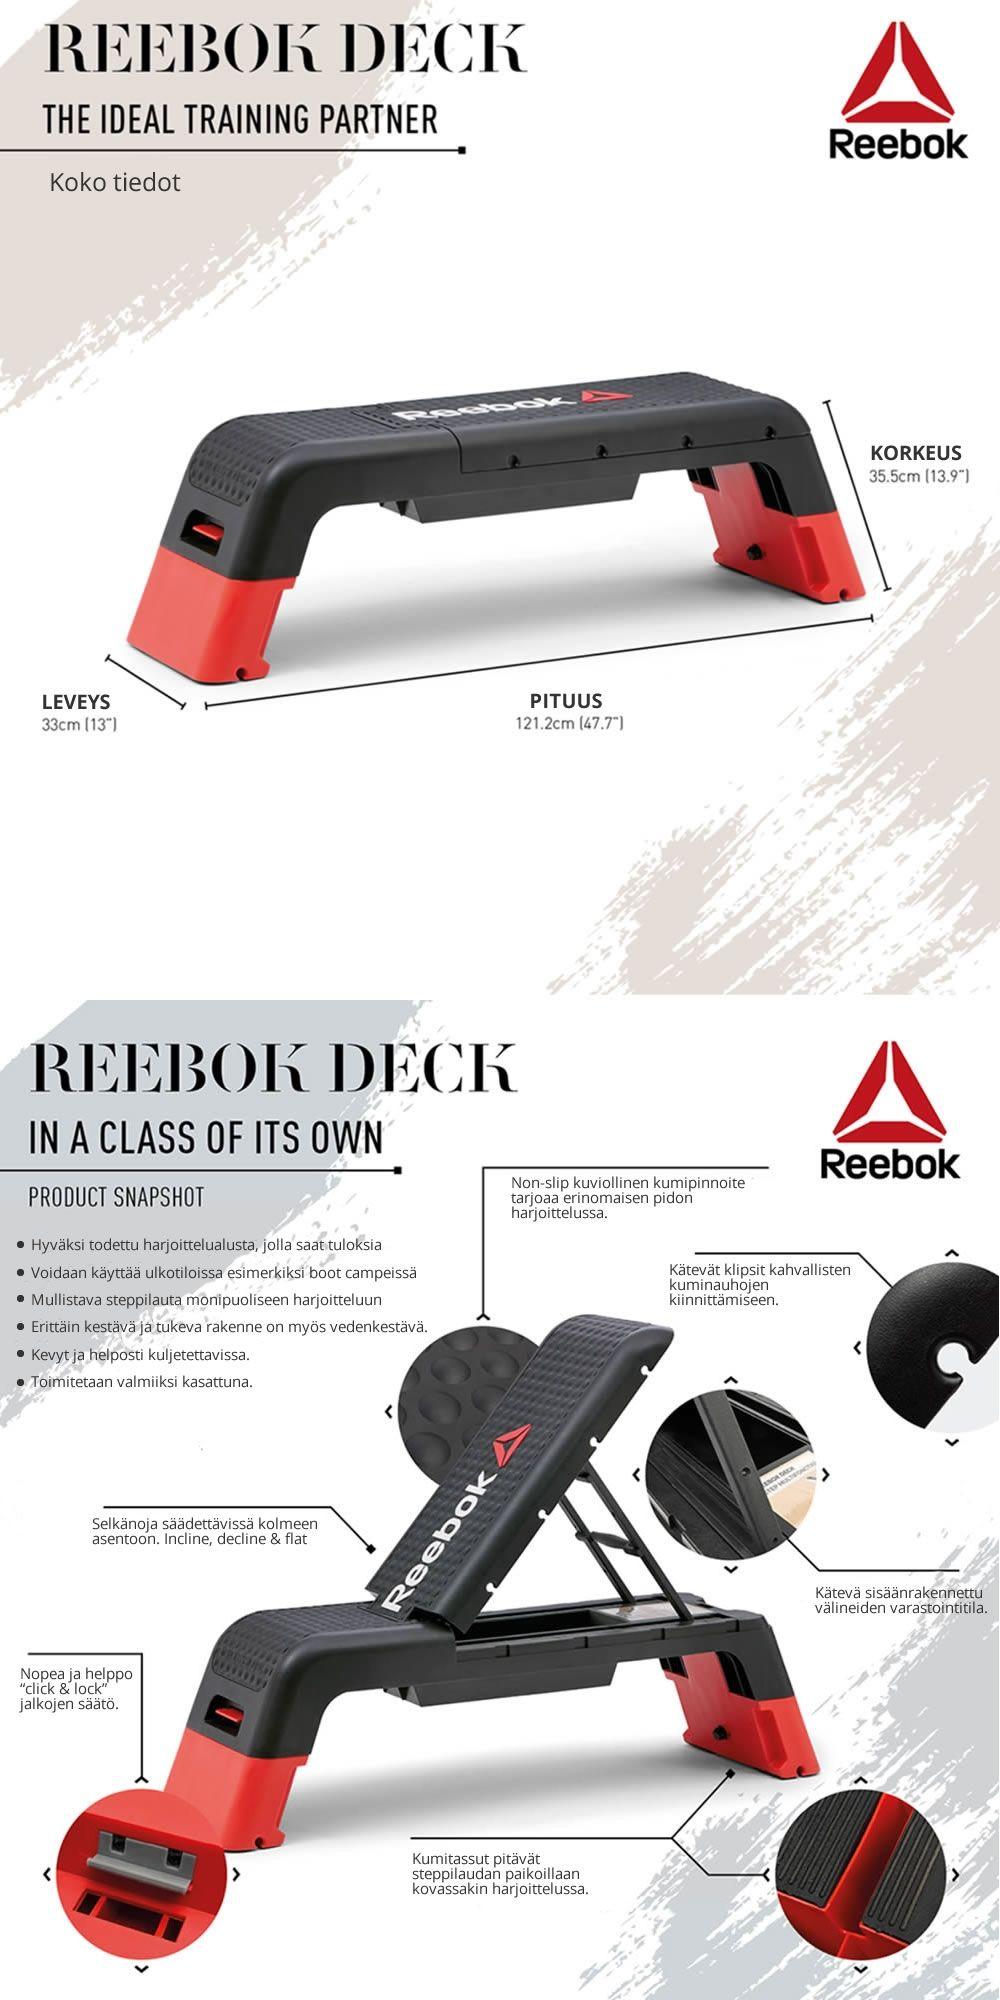 Reebok Deck Delta steppilaudan esittely